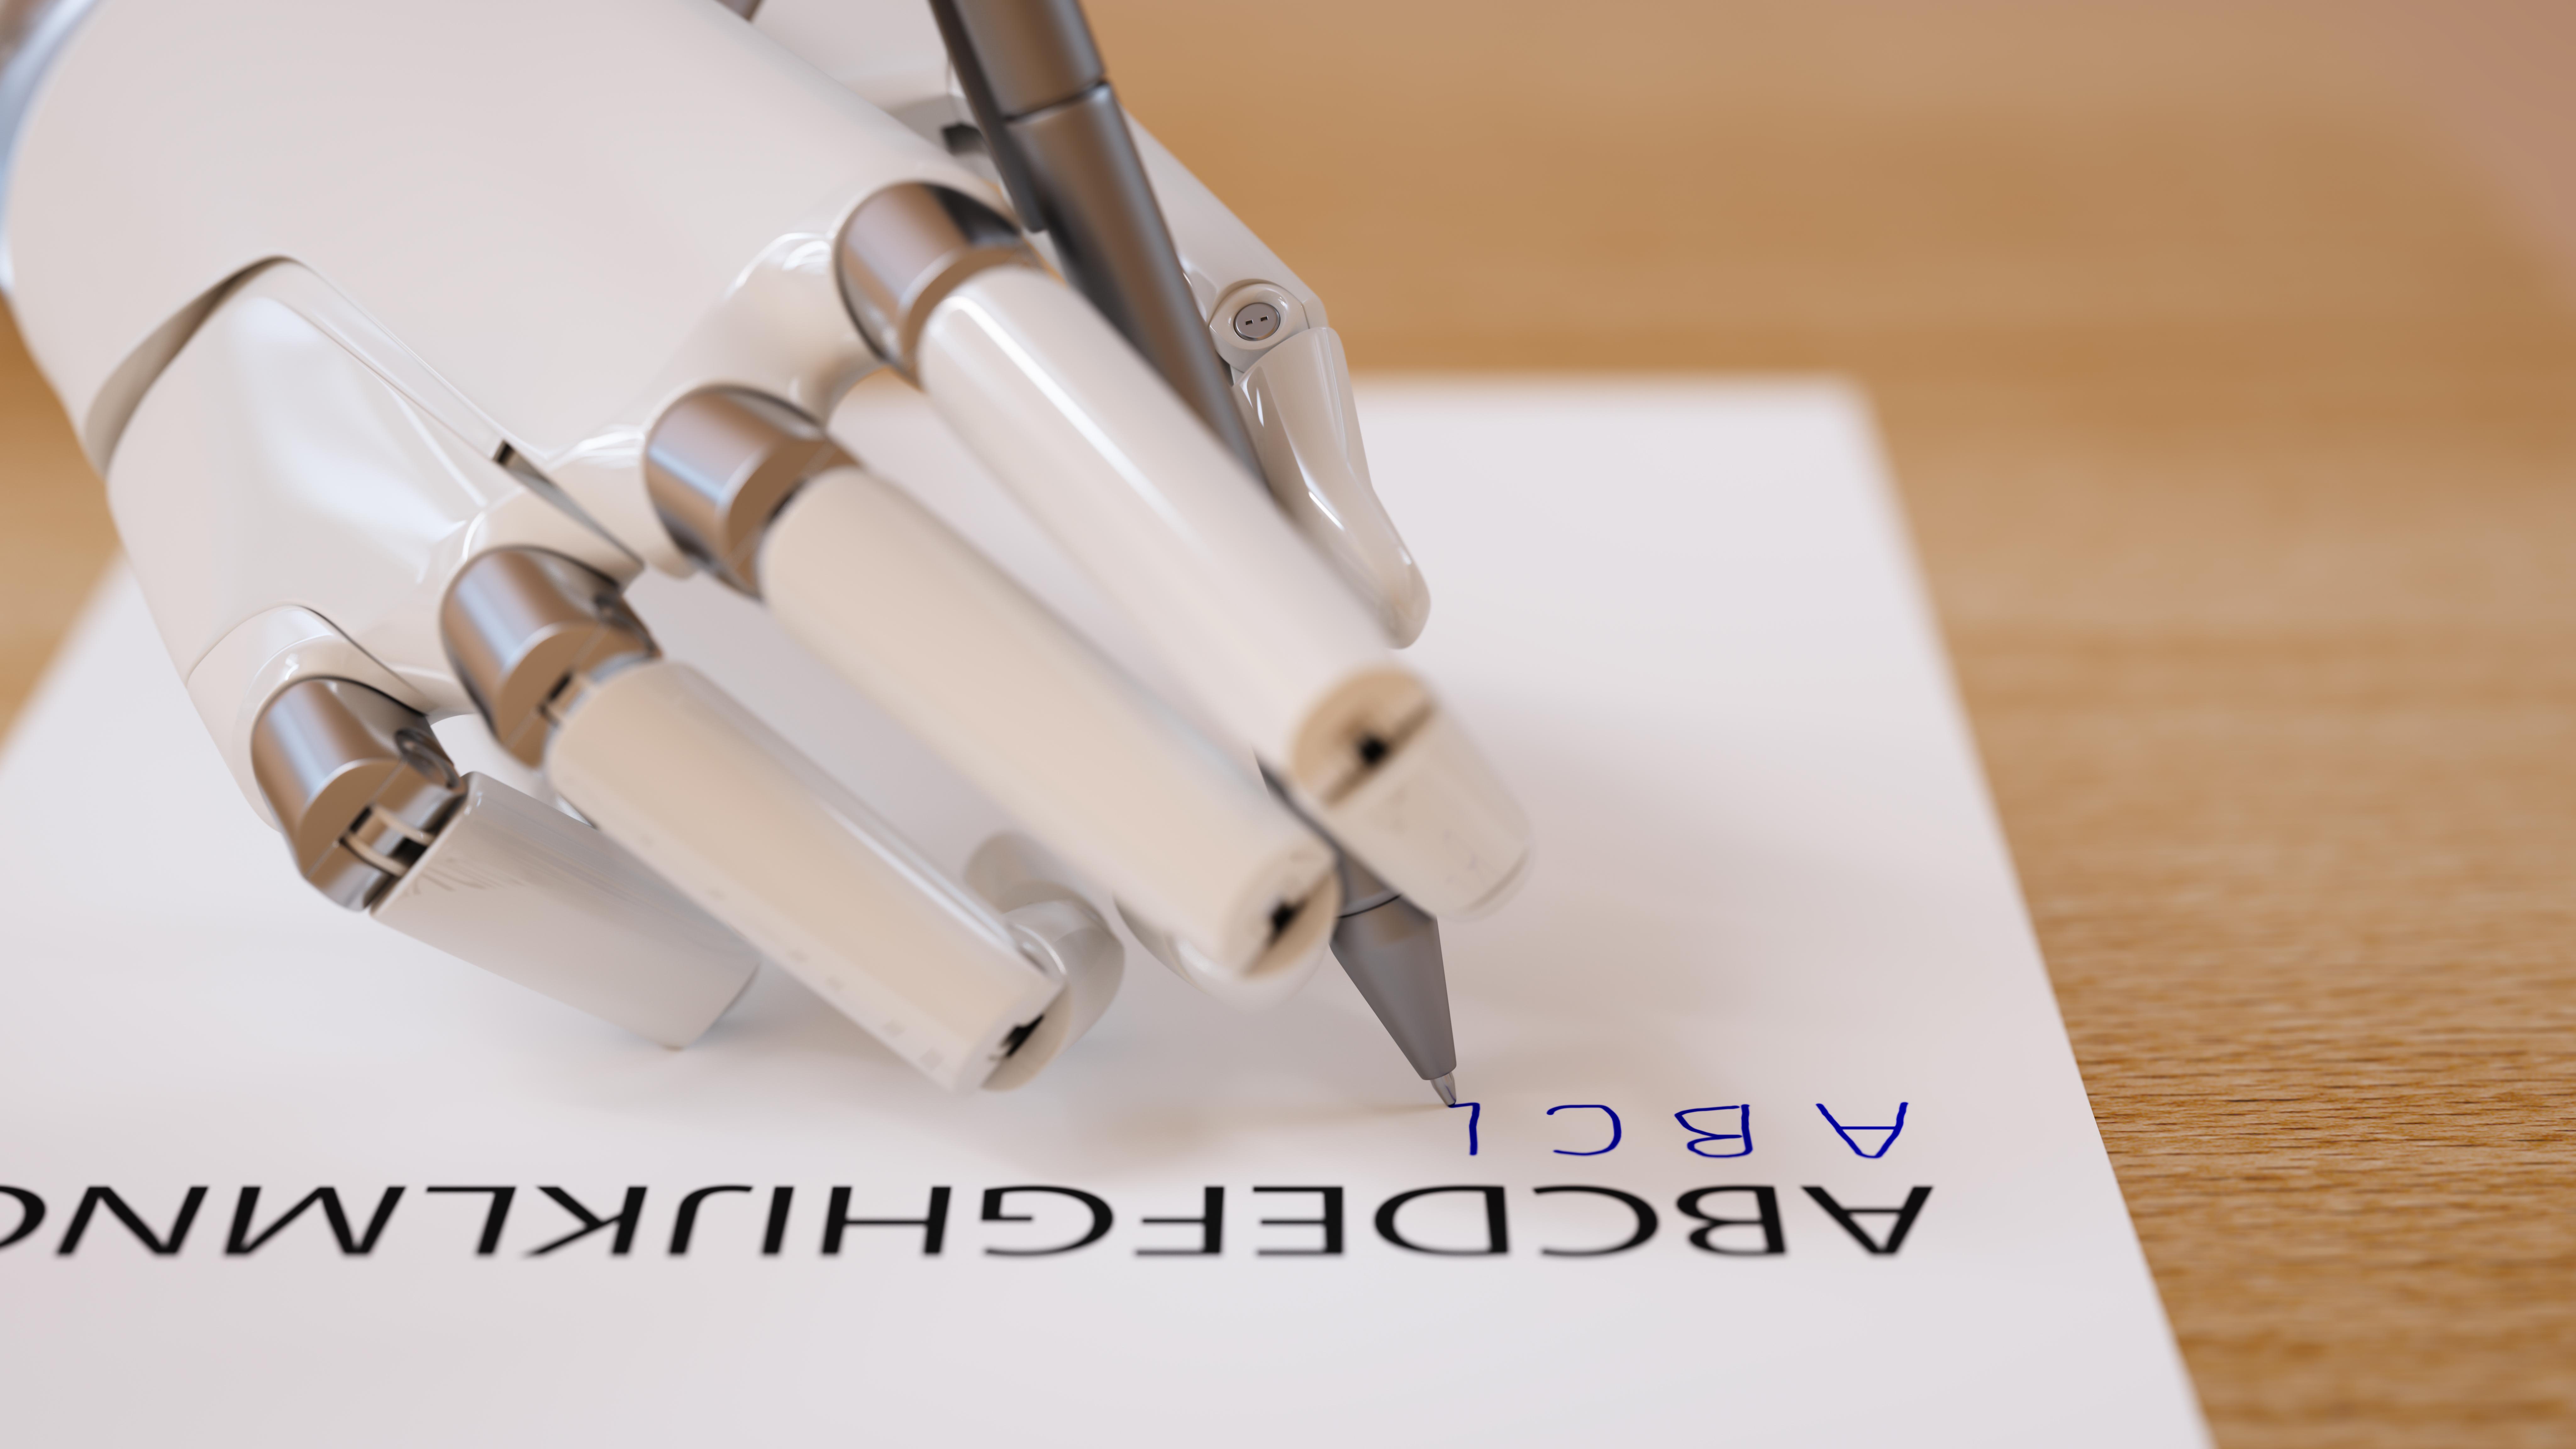 ロボットの手がアルファベットを書く様子